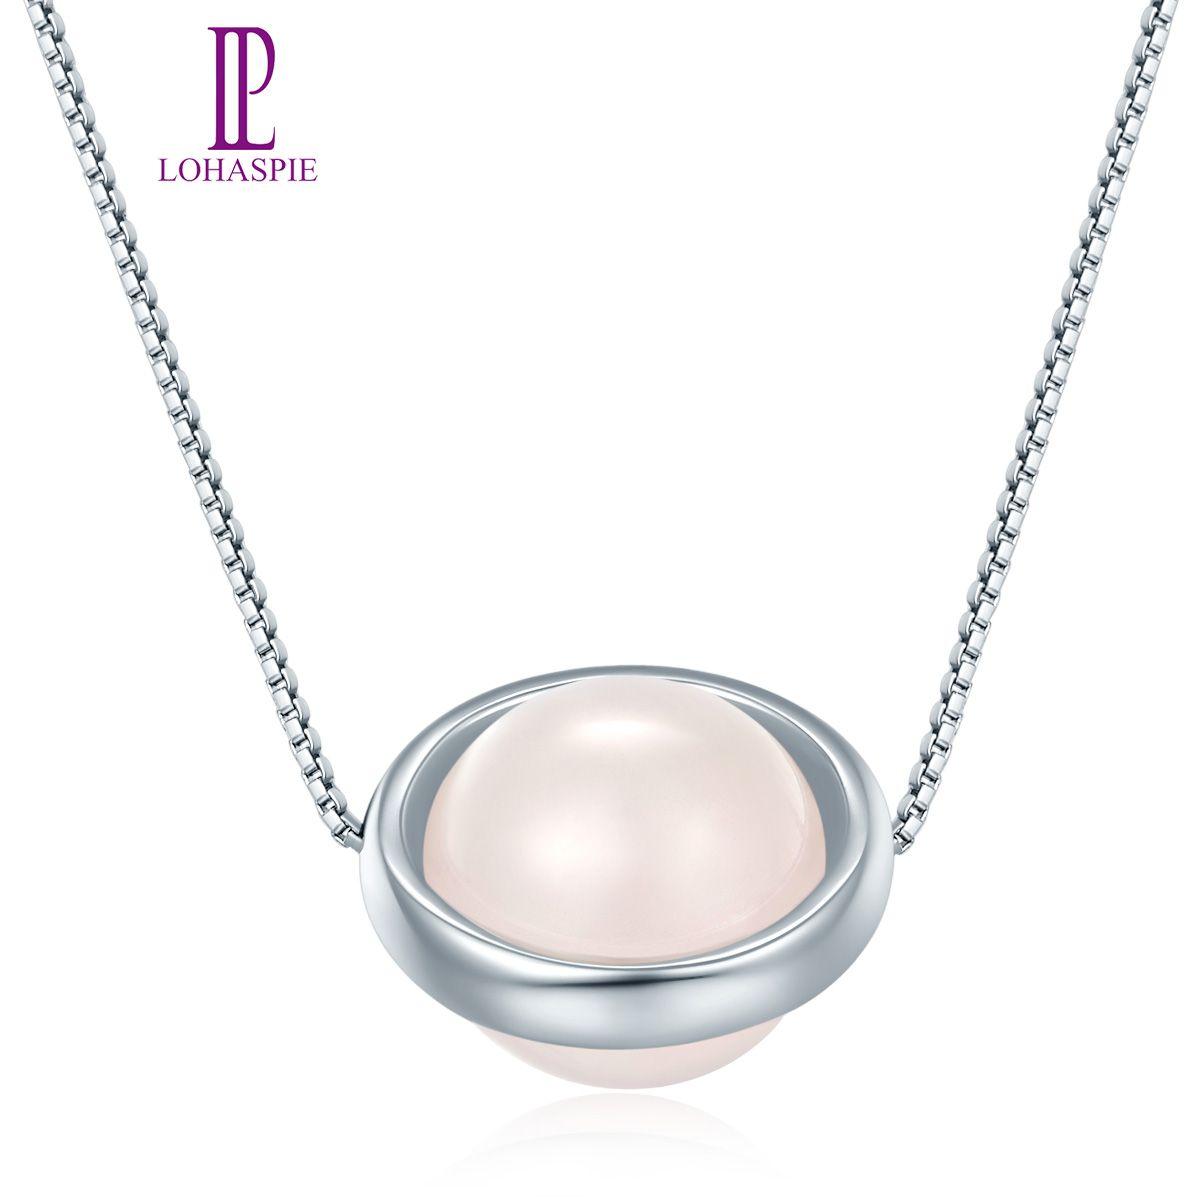 Regalo de la joyería de la piedra preciosa natural verdadero fino Moda 10mm cuarzo rosa Ronda 925 colgante de plata esterlina collar para las mujeres de muchacha al por mayor